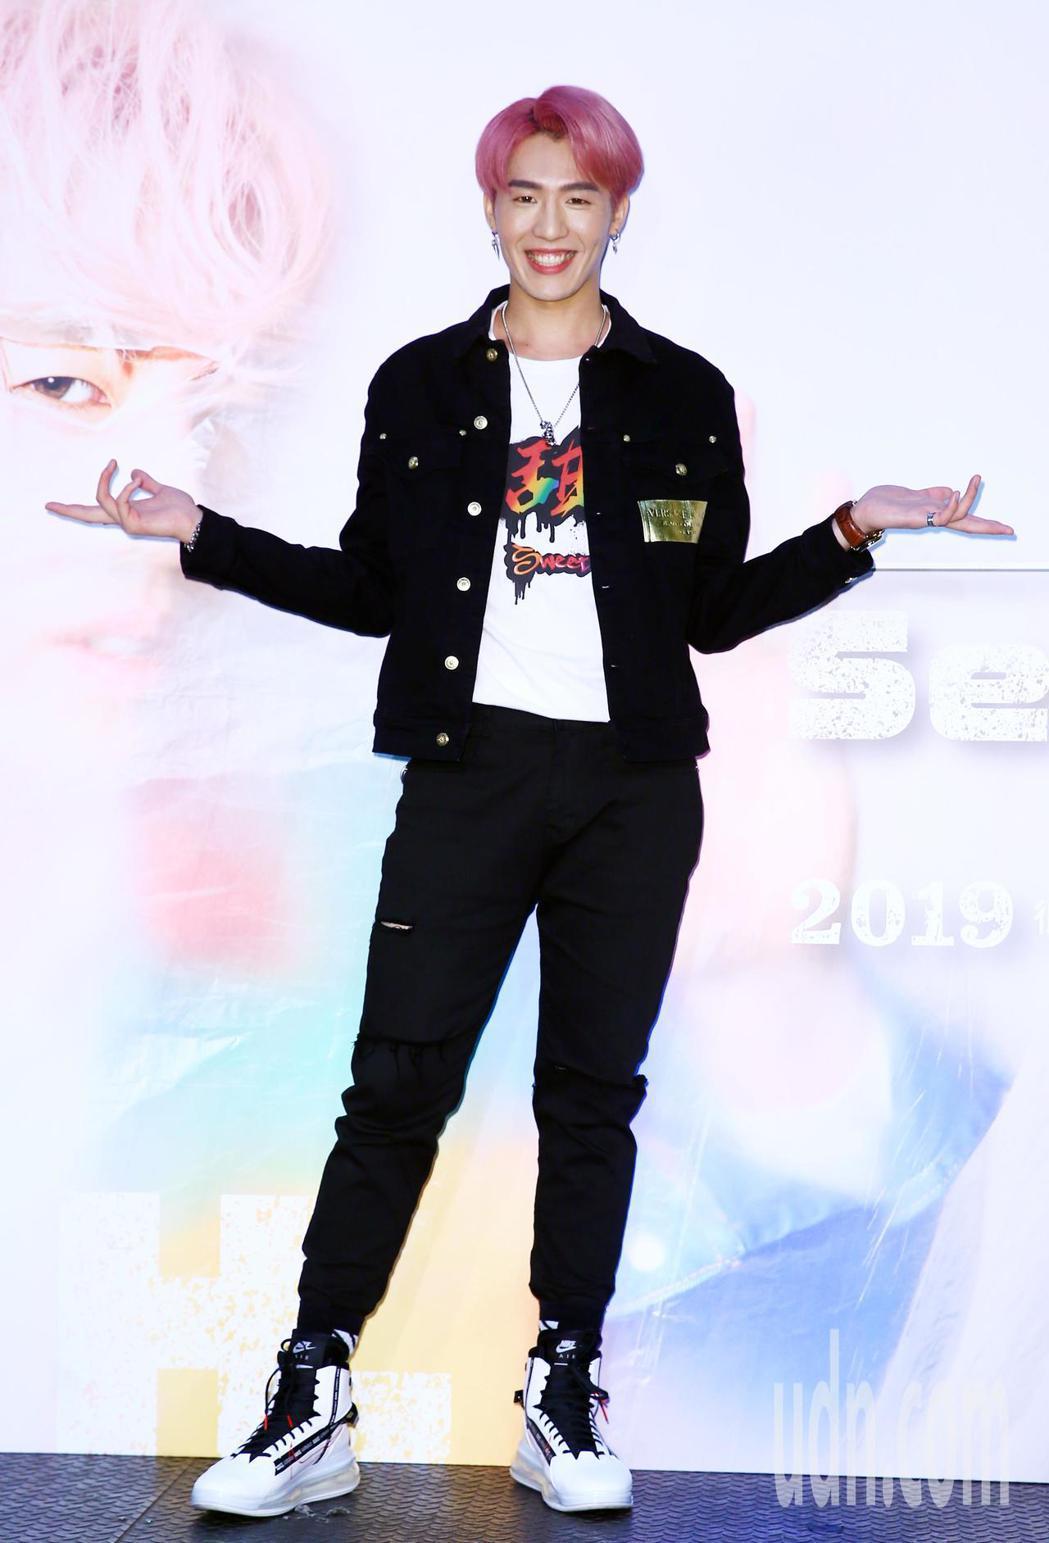 創作歌手黃昺翔今天舉行新專輯《你在幹嘛》發片記者會。記者杜建重/攝影